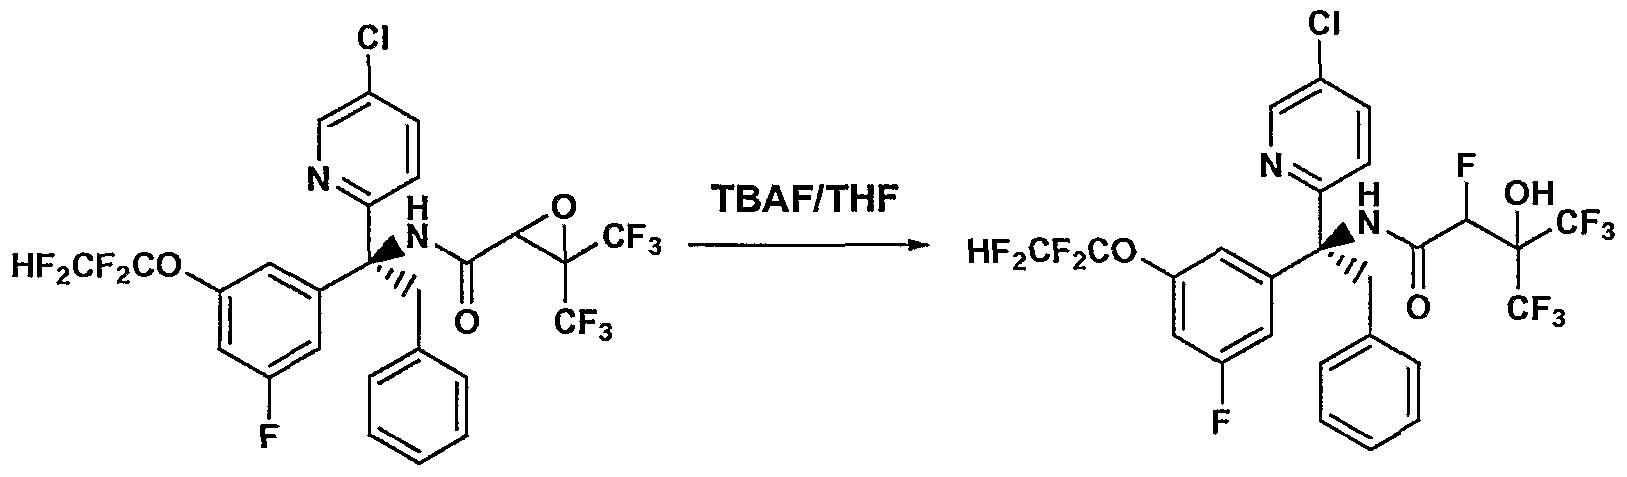 Figure imgf000525_0002